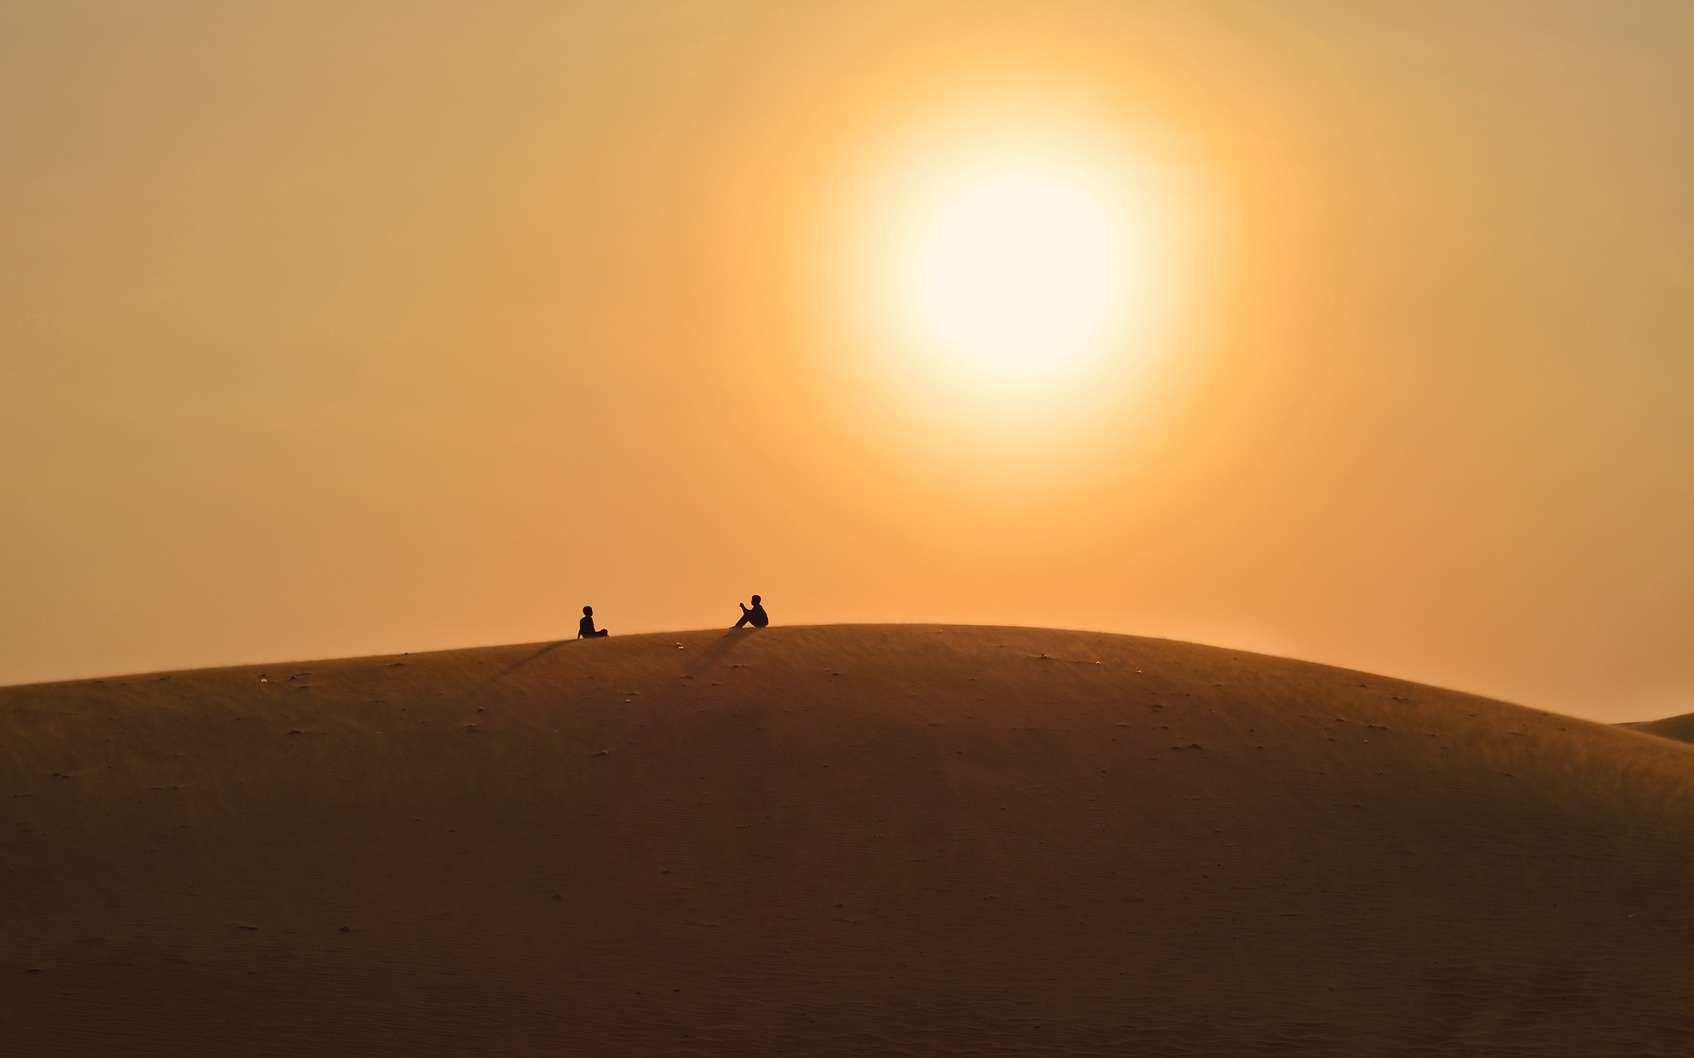 Porteurs de la sagesse de plusieurs millions d'années, les jeunes jumeaux Atréides doivent décider du sort de l'Empire. Dans le refuge du désert, ils pensent. ©Alice Nerr, Fotolia